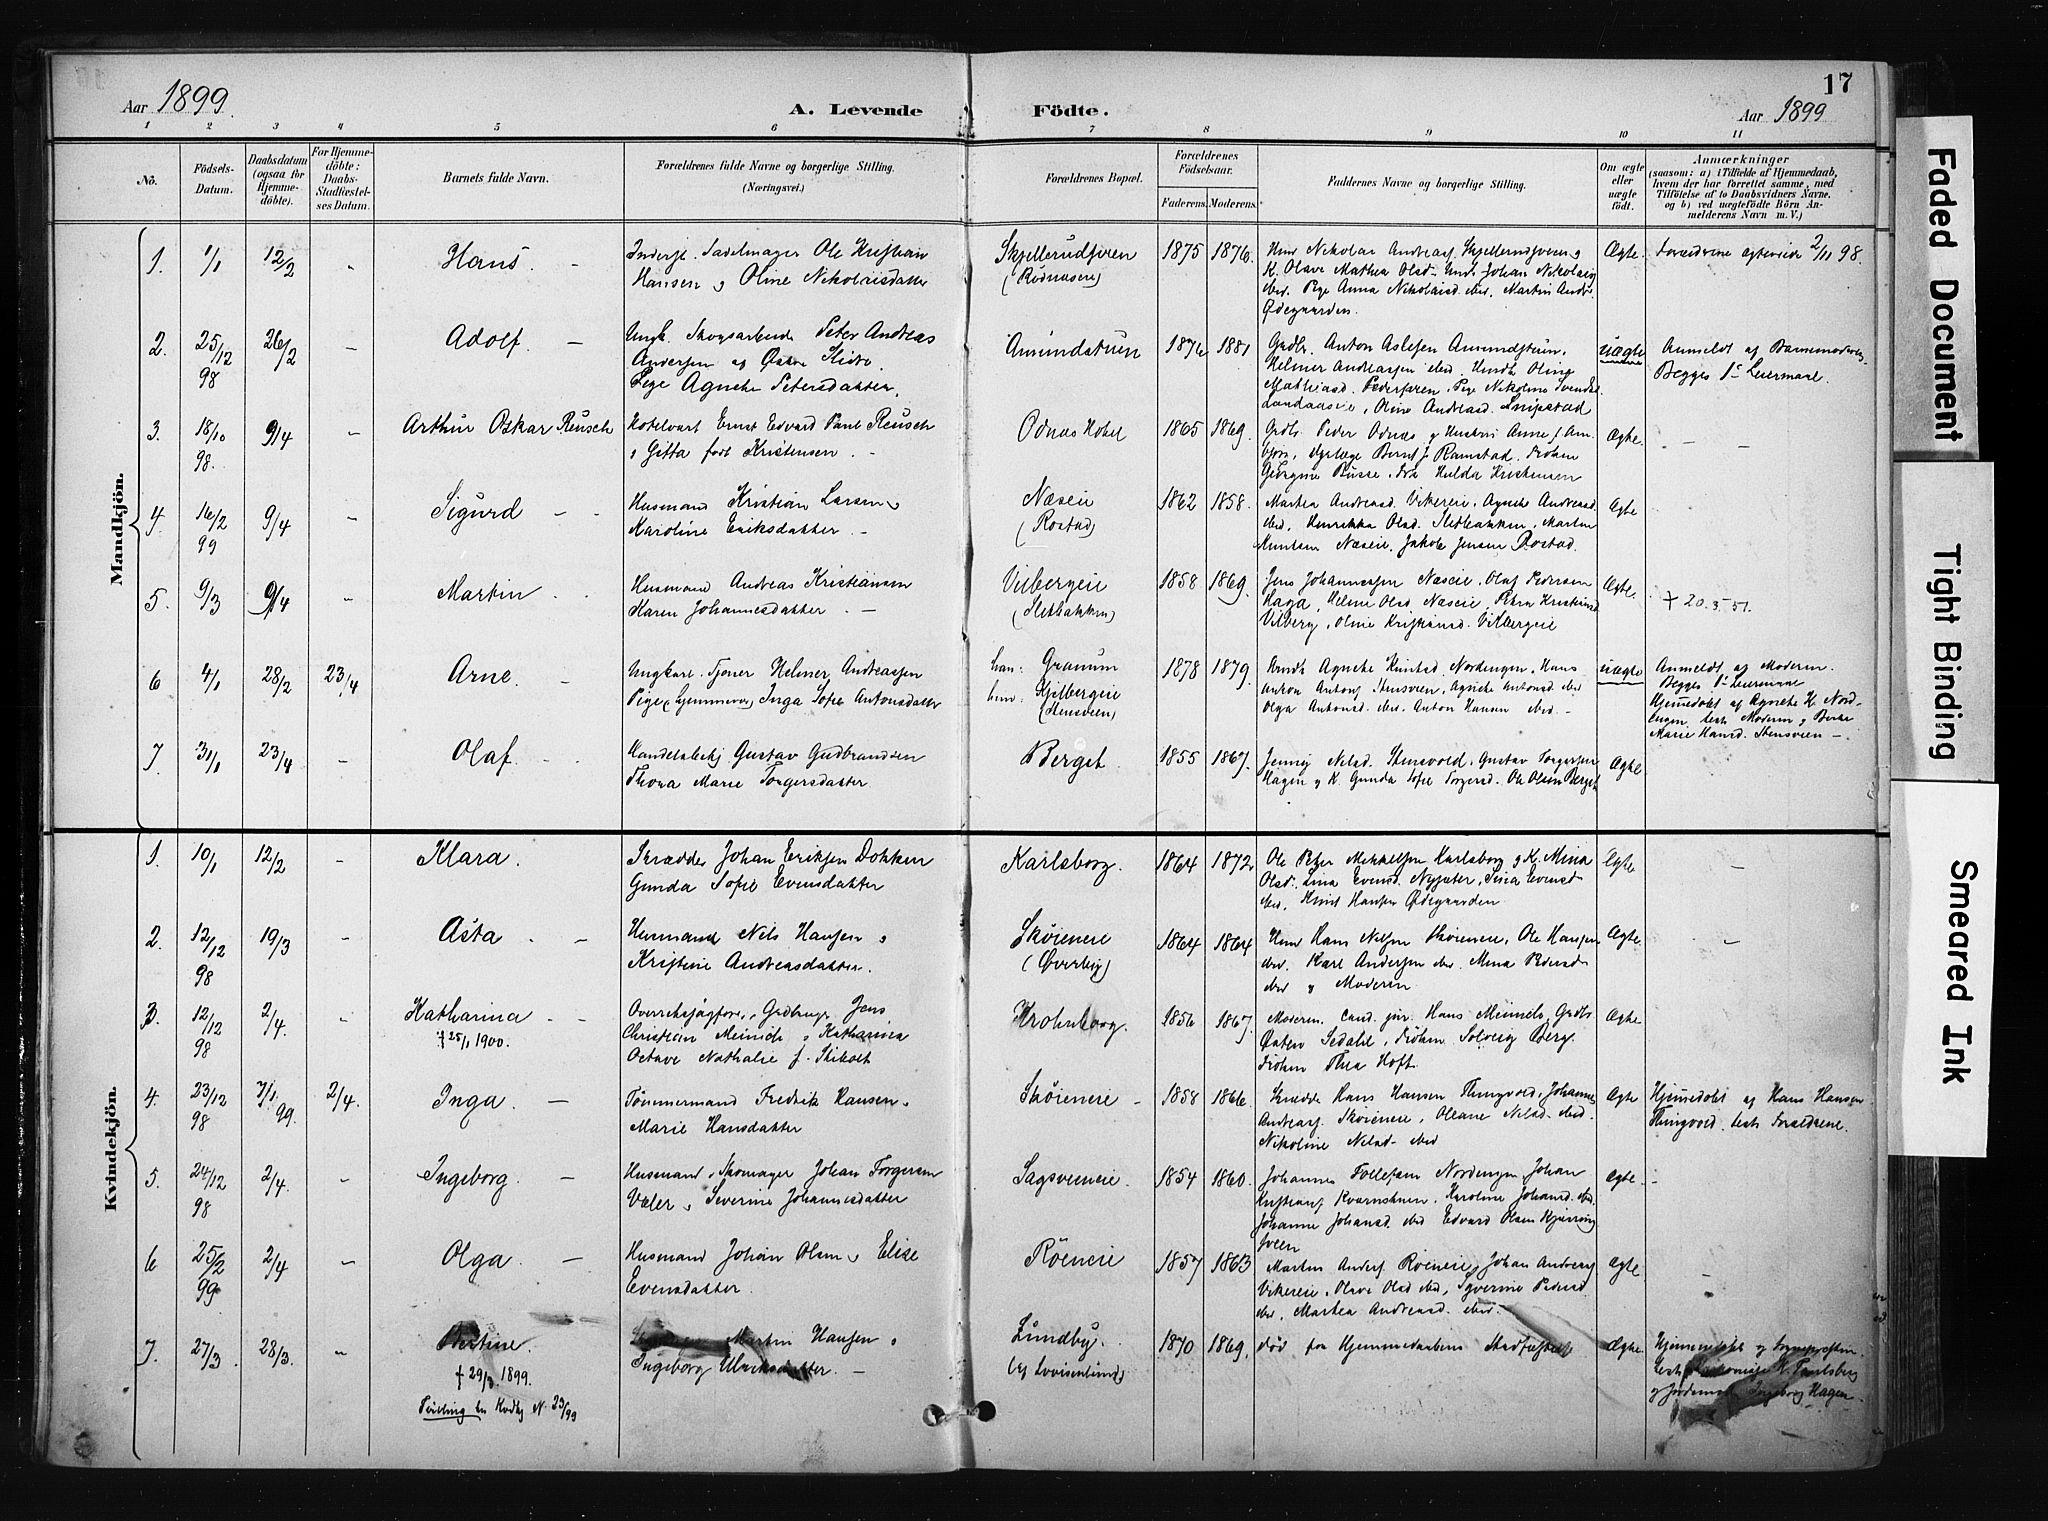 SAH, Søndre Land prestekontor, K/L0004: Ministerialbok nr. 4, 1895-1904, s. 17